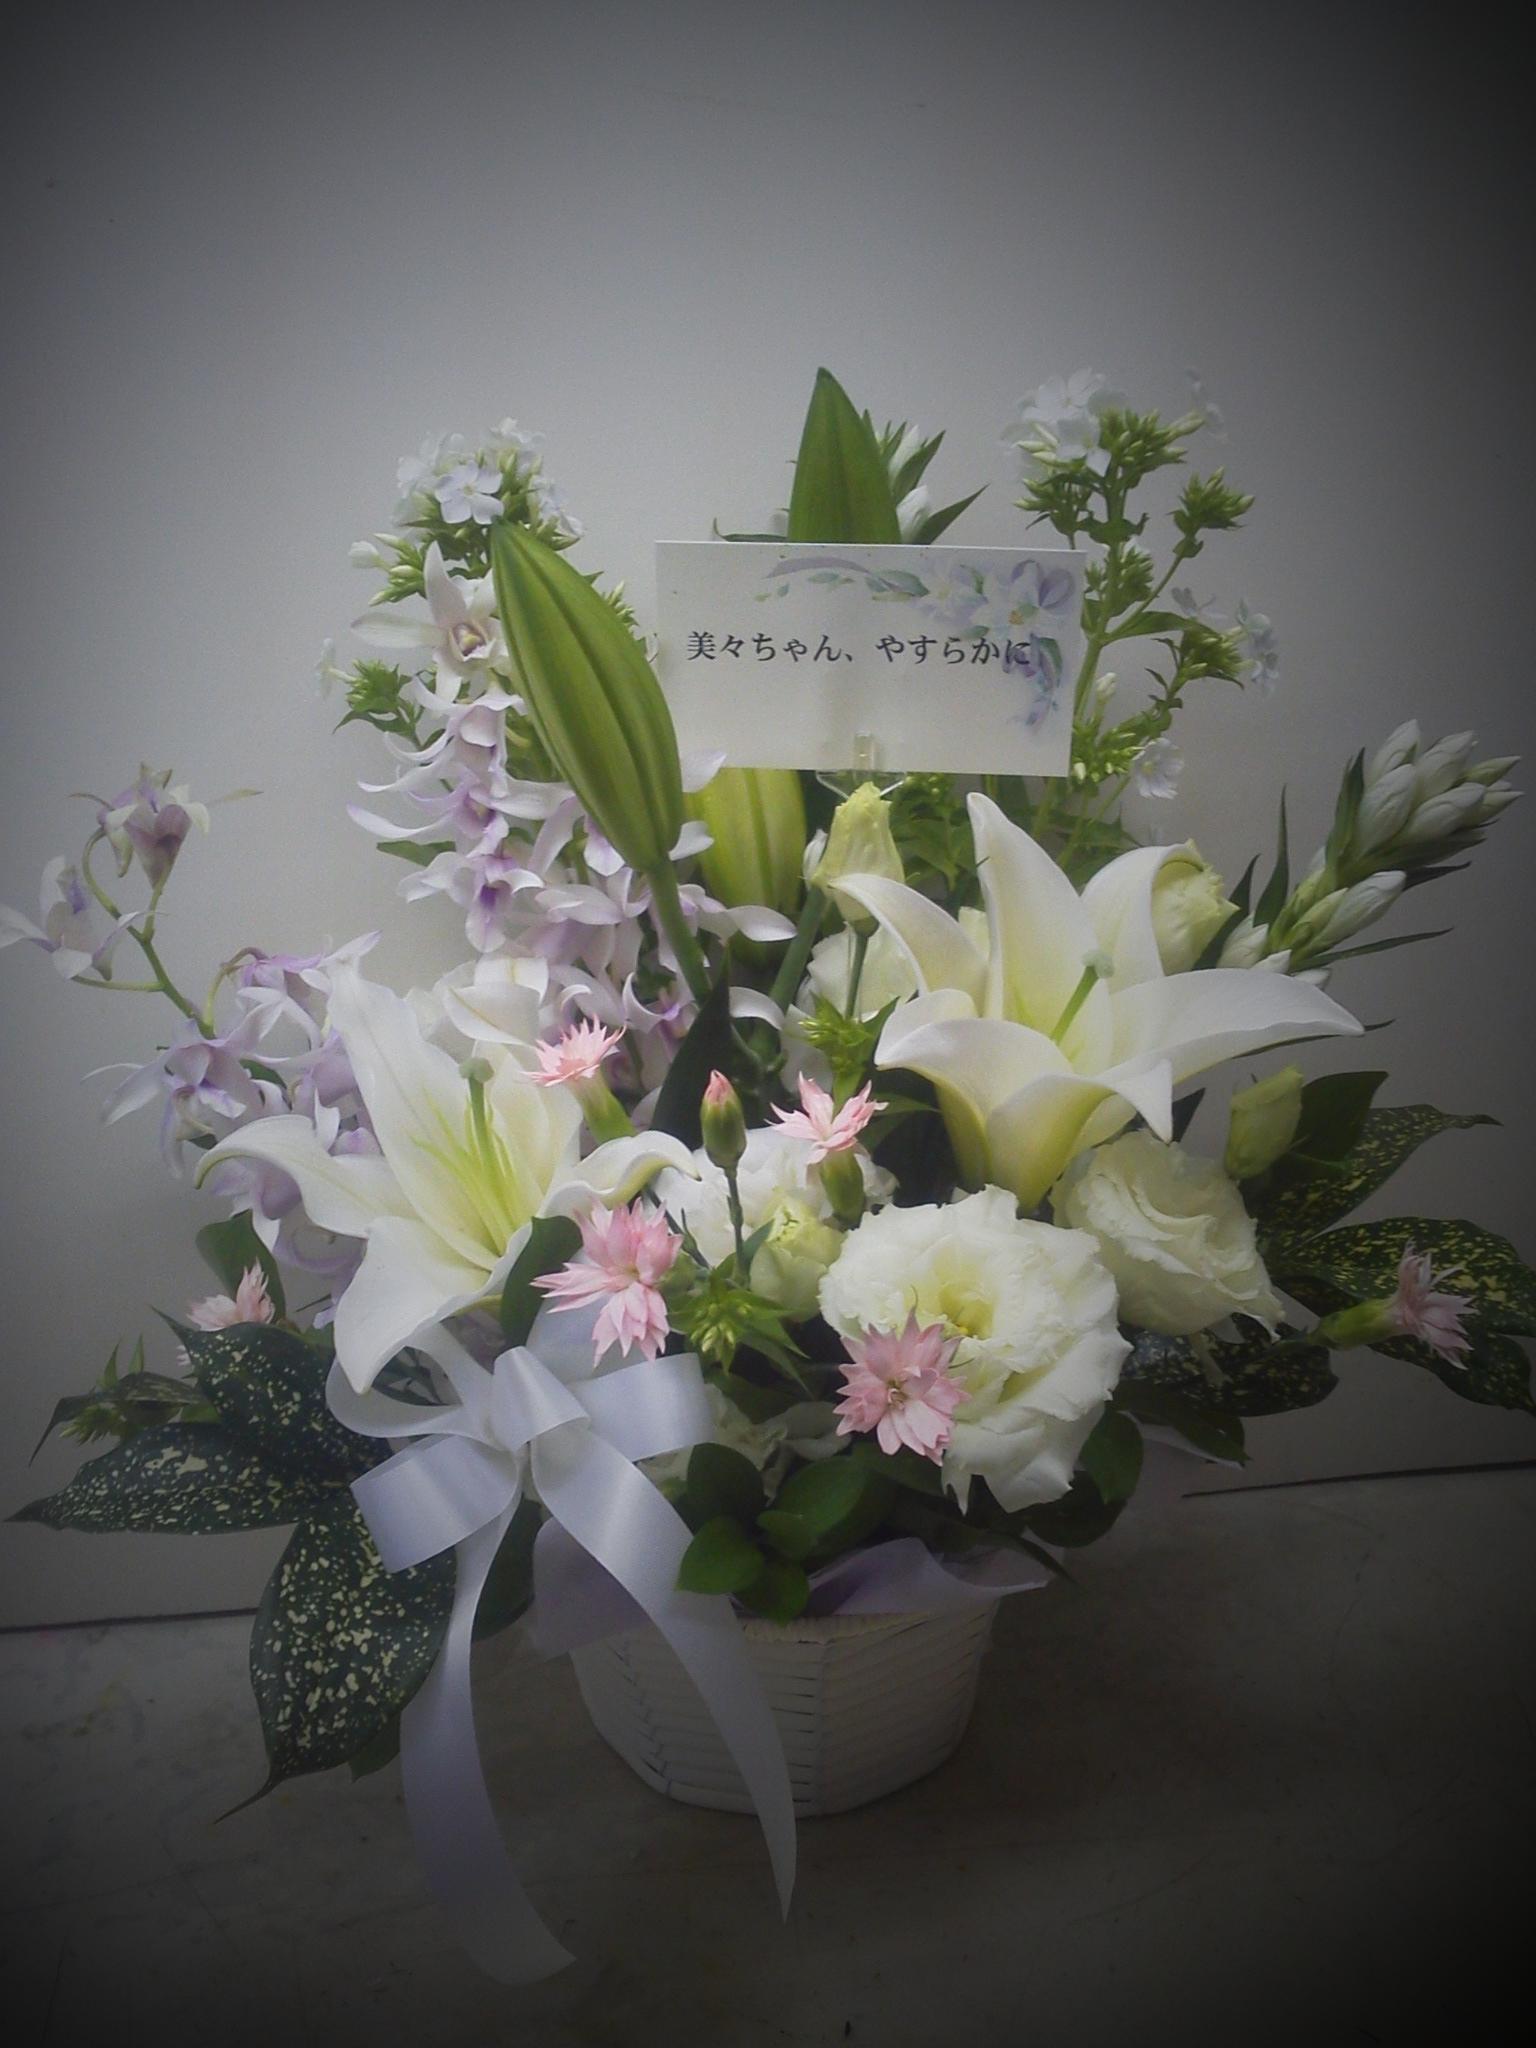 枕花・葬儀・ペット用お供えアレンジメント